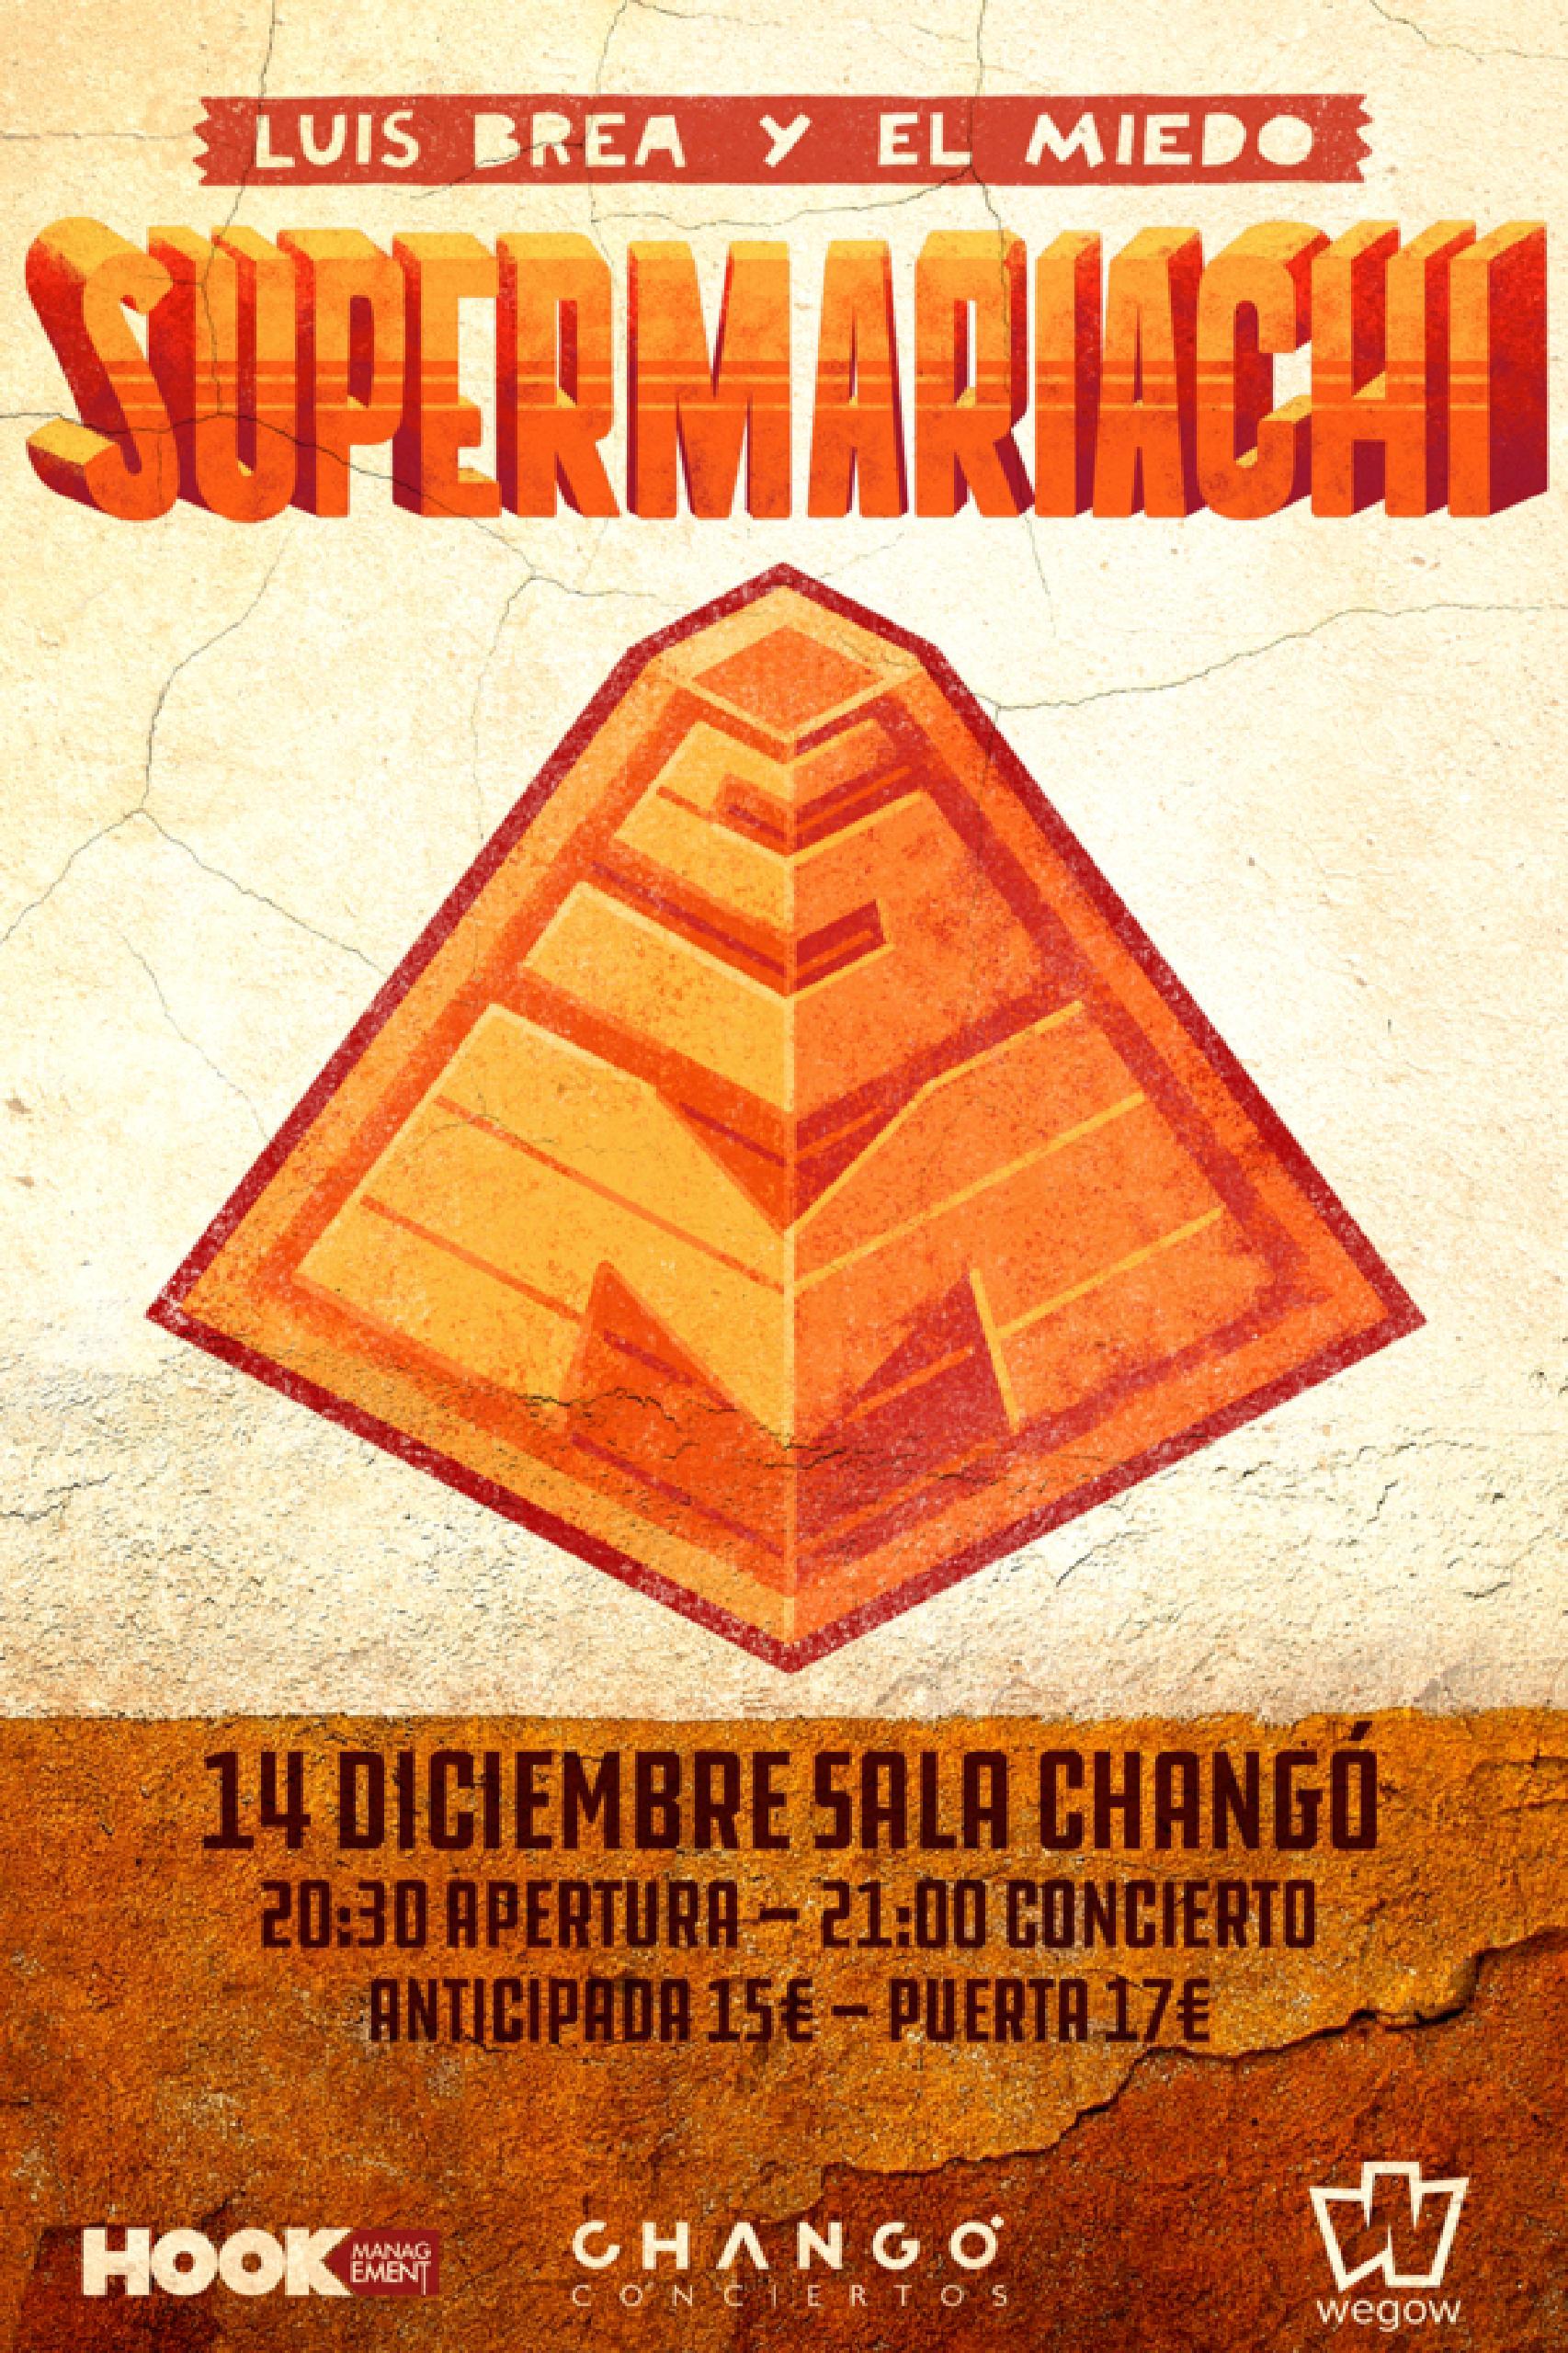 Concierto de Luis Brea y El Miedo en la Sala Changó de Madrid el 14 de diciembre.